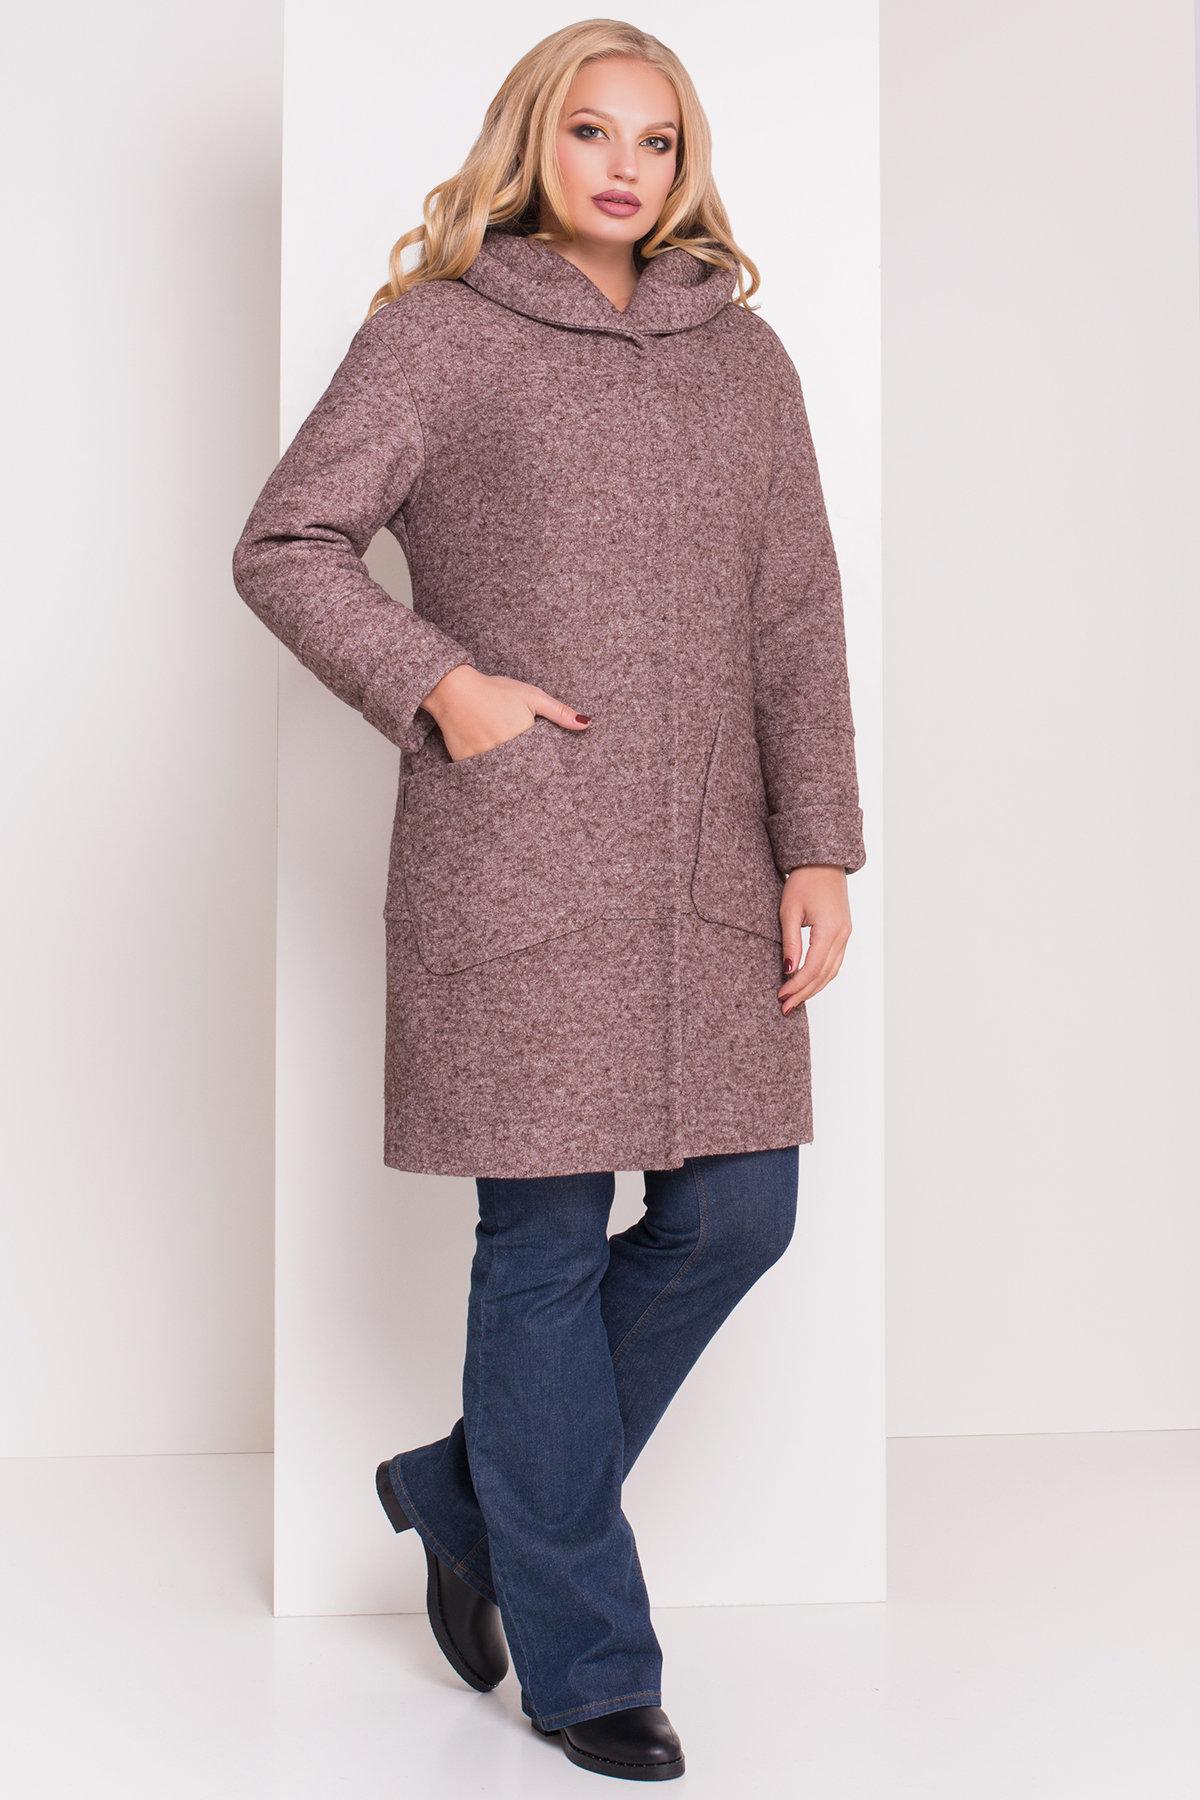 Пальто зима с капюшоном Анита Donna 3720 АРТ. 19287 Цвет: Кофе LW-4 - фото 1, интернет магазин tm-modus.ru